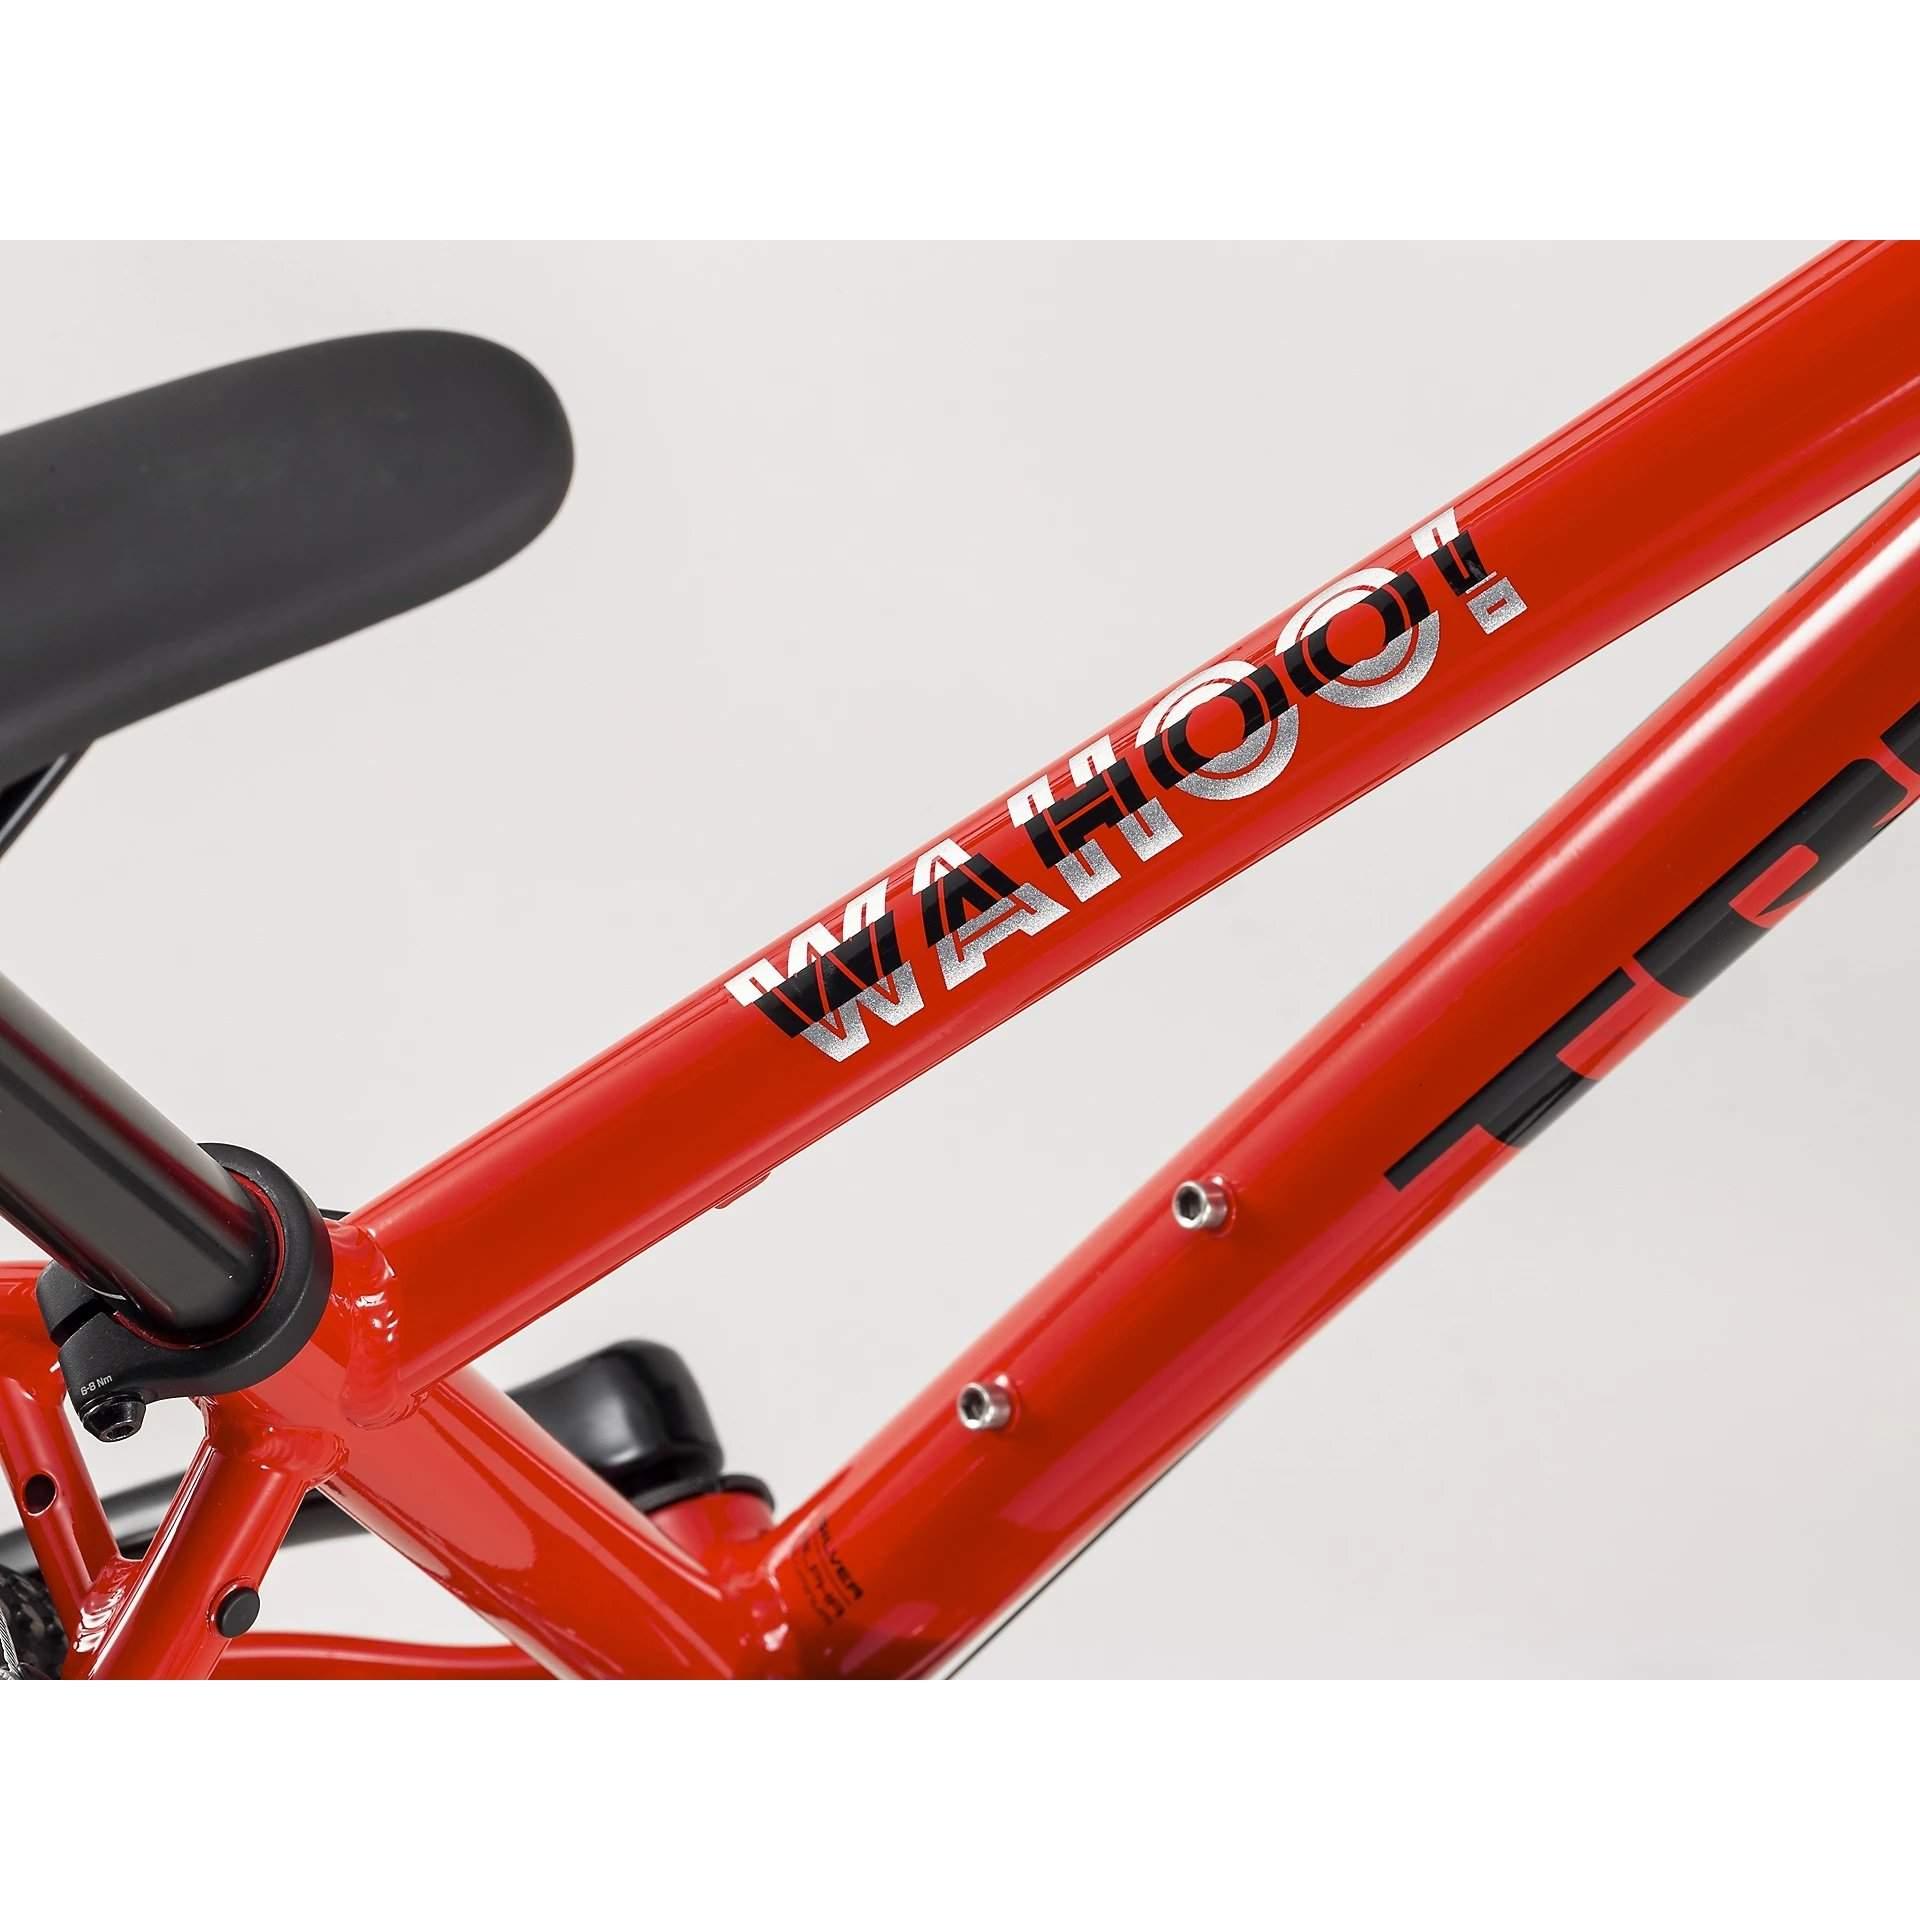 ROWER TREK WAHOO 24 VIPER RED|TREK BLACK 6